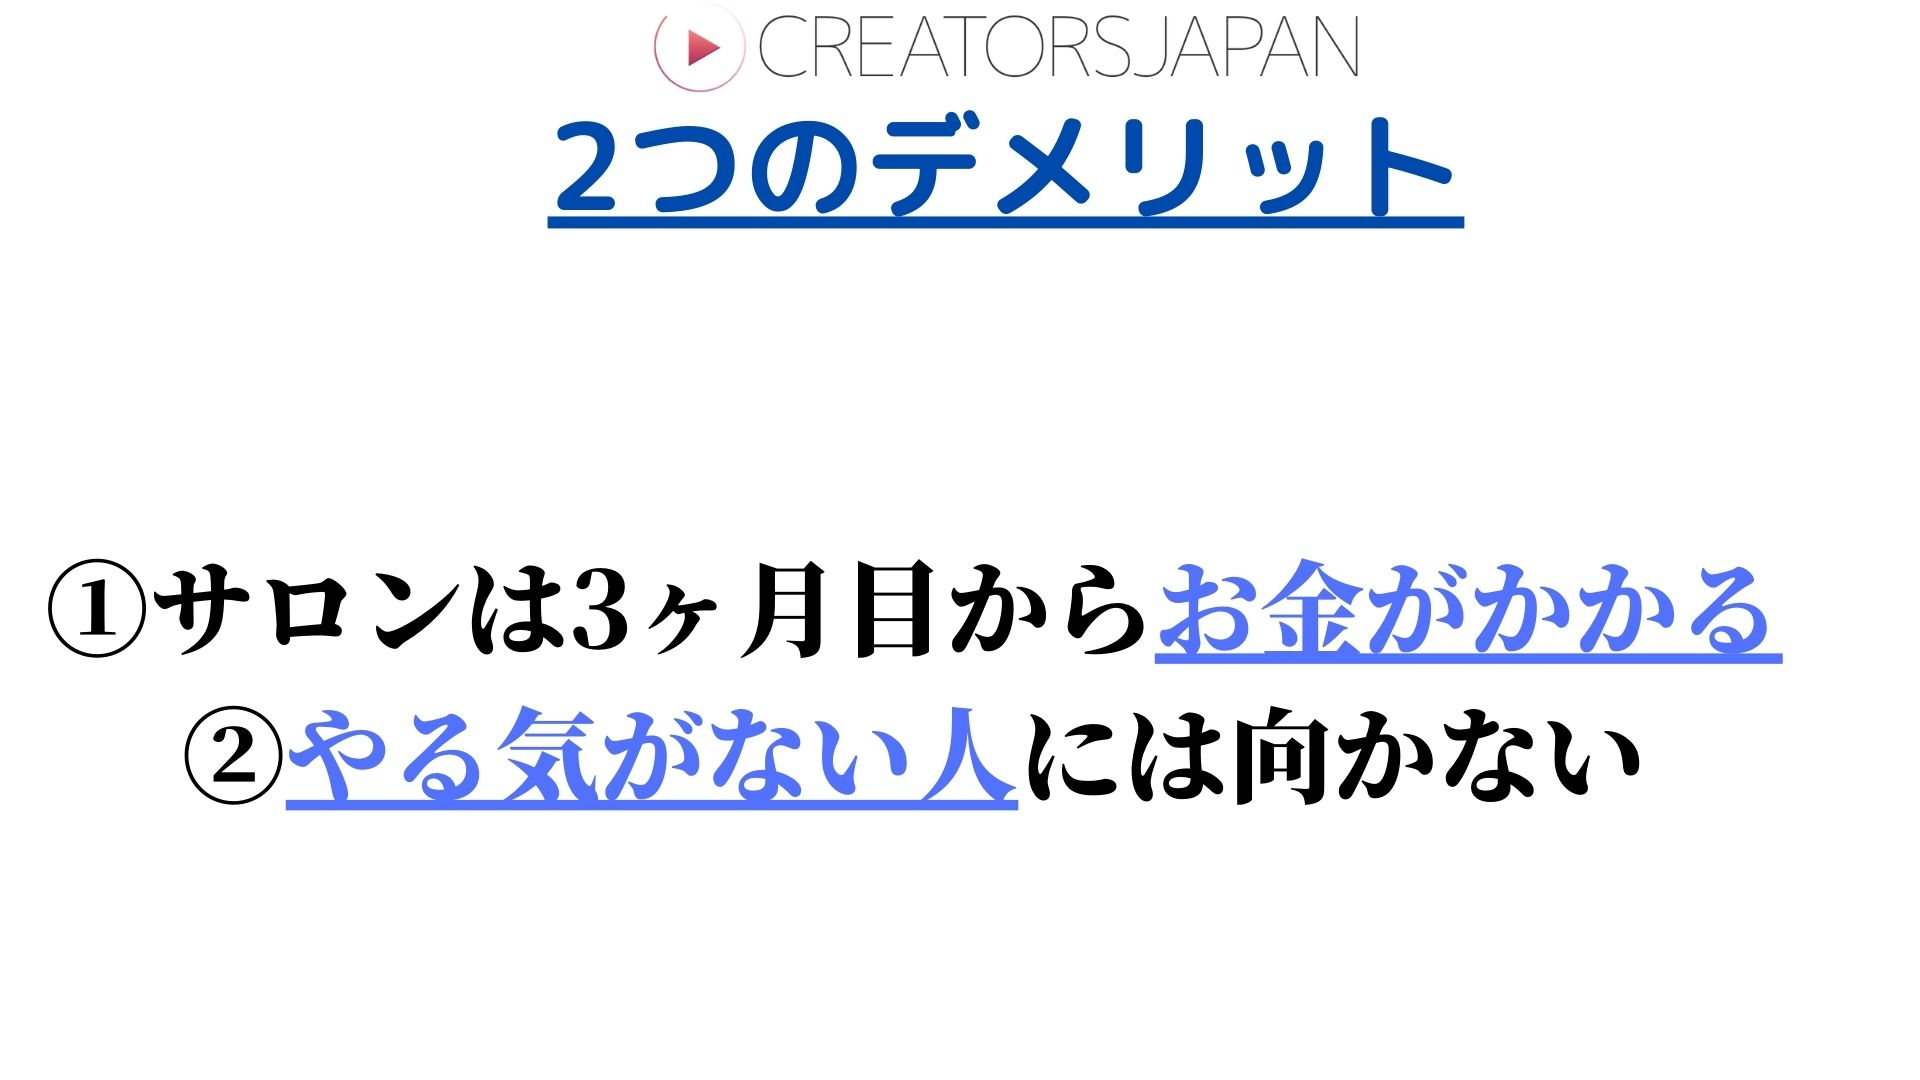 クリエイターズジャパン